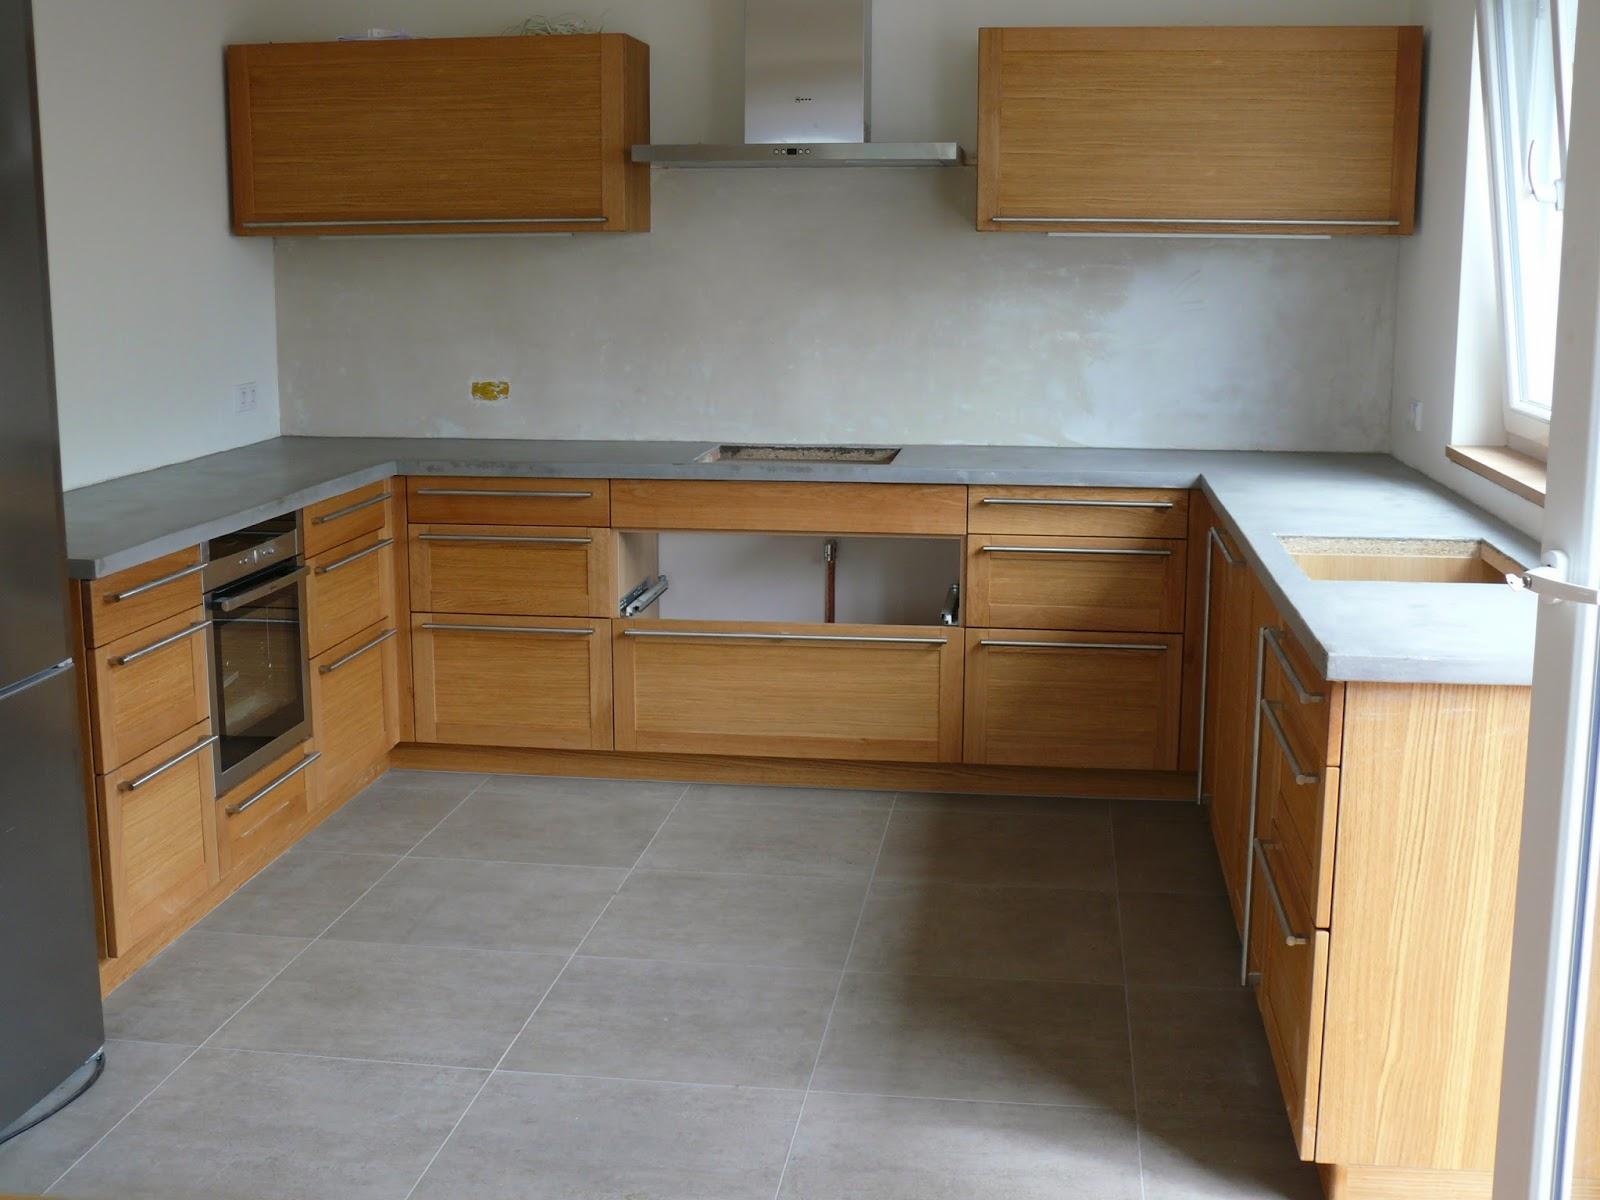 betoncire-natur-LEOSTEEN: Küchenarbeitsplatte in U-Form